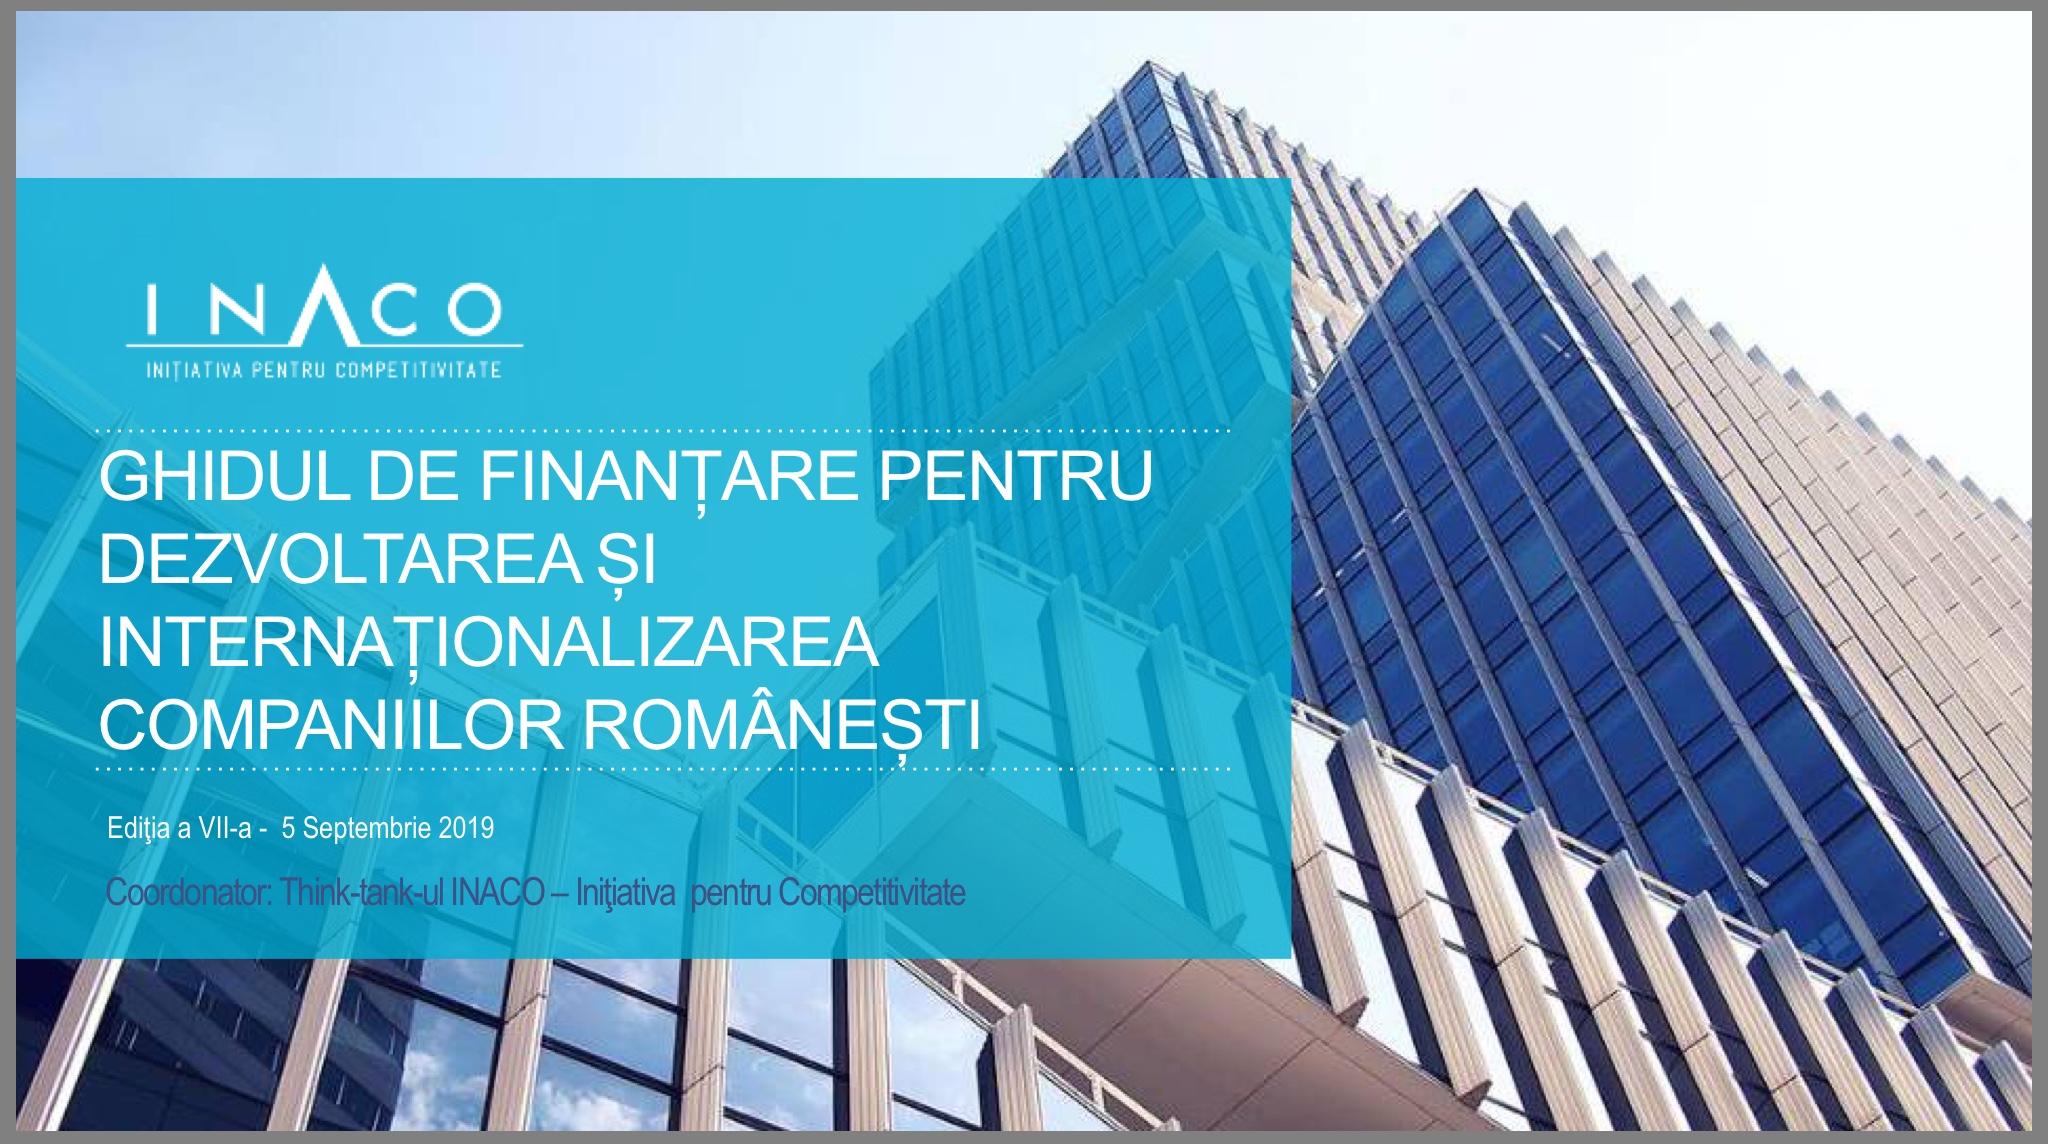 Ediția a 7-a a Ghidului de finanțare pentru dezvoltarea și internaționalizarea companiilor românești